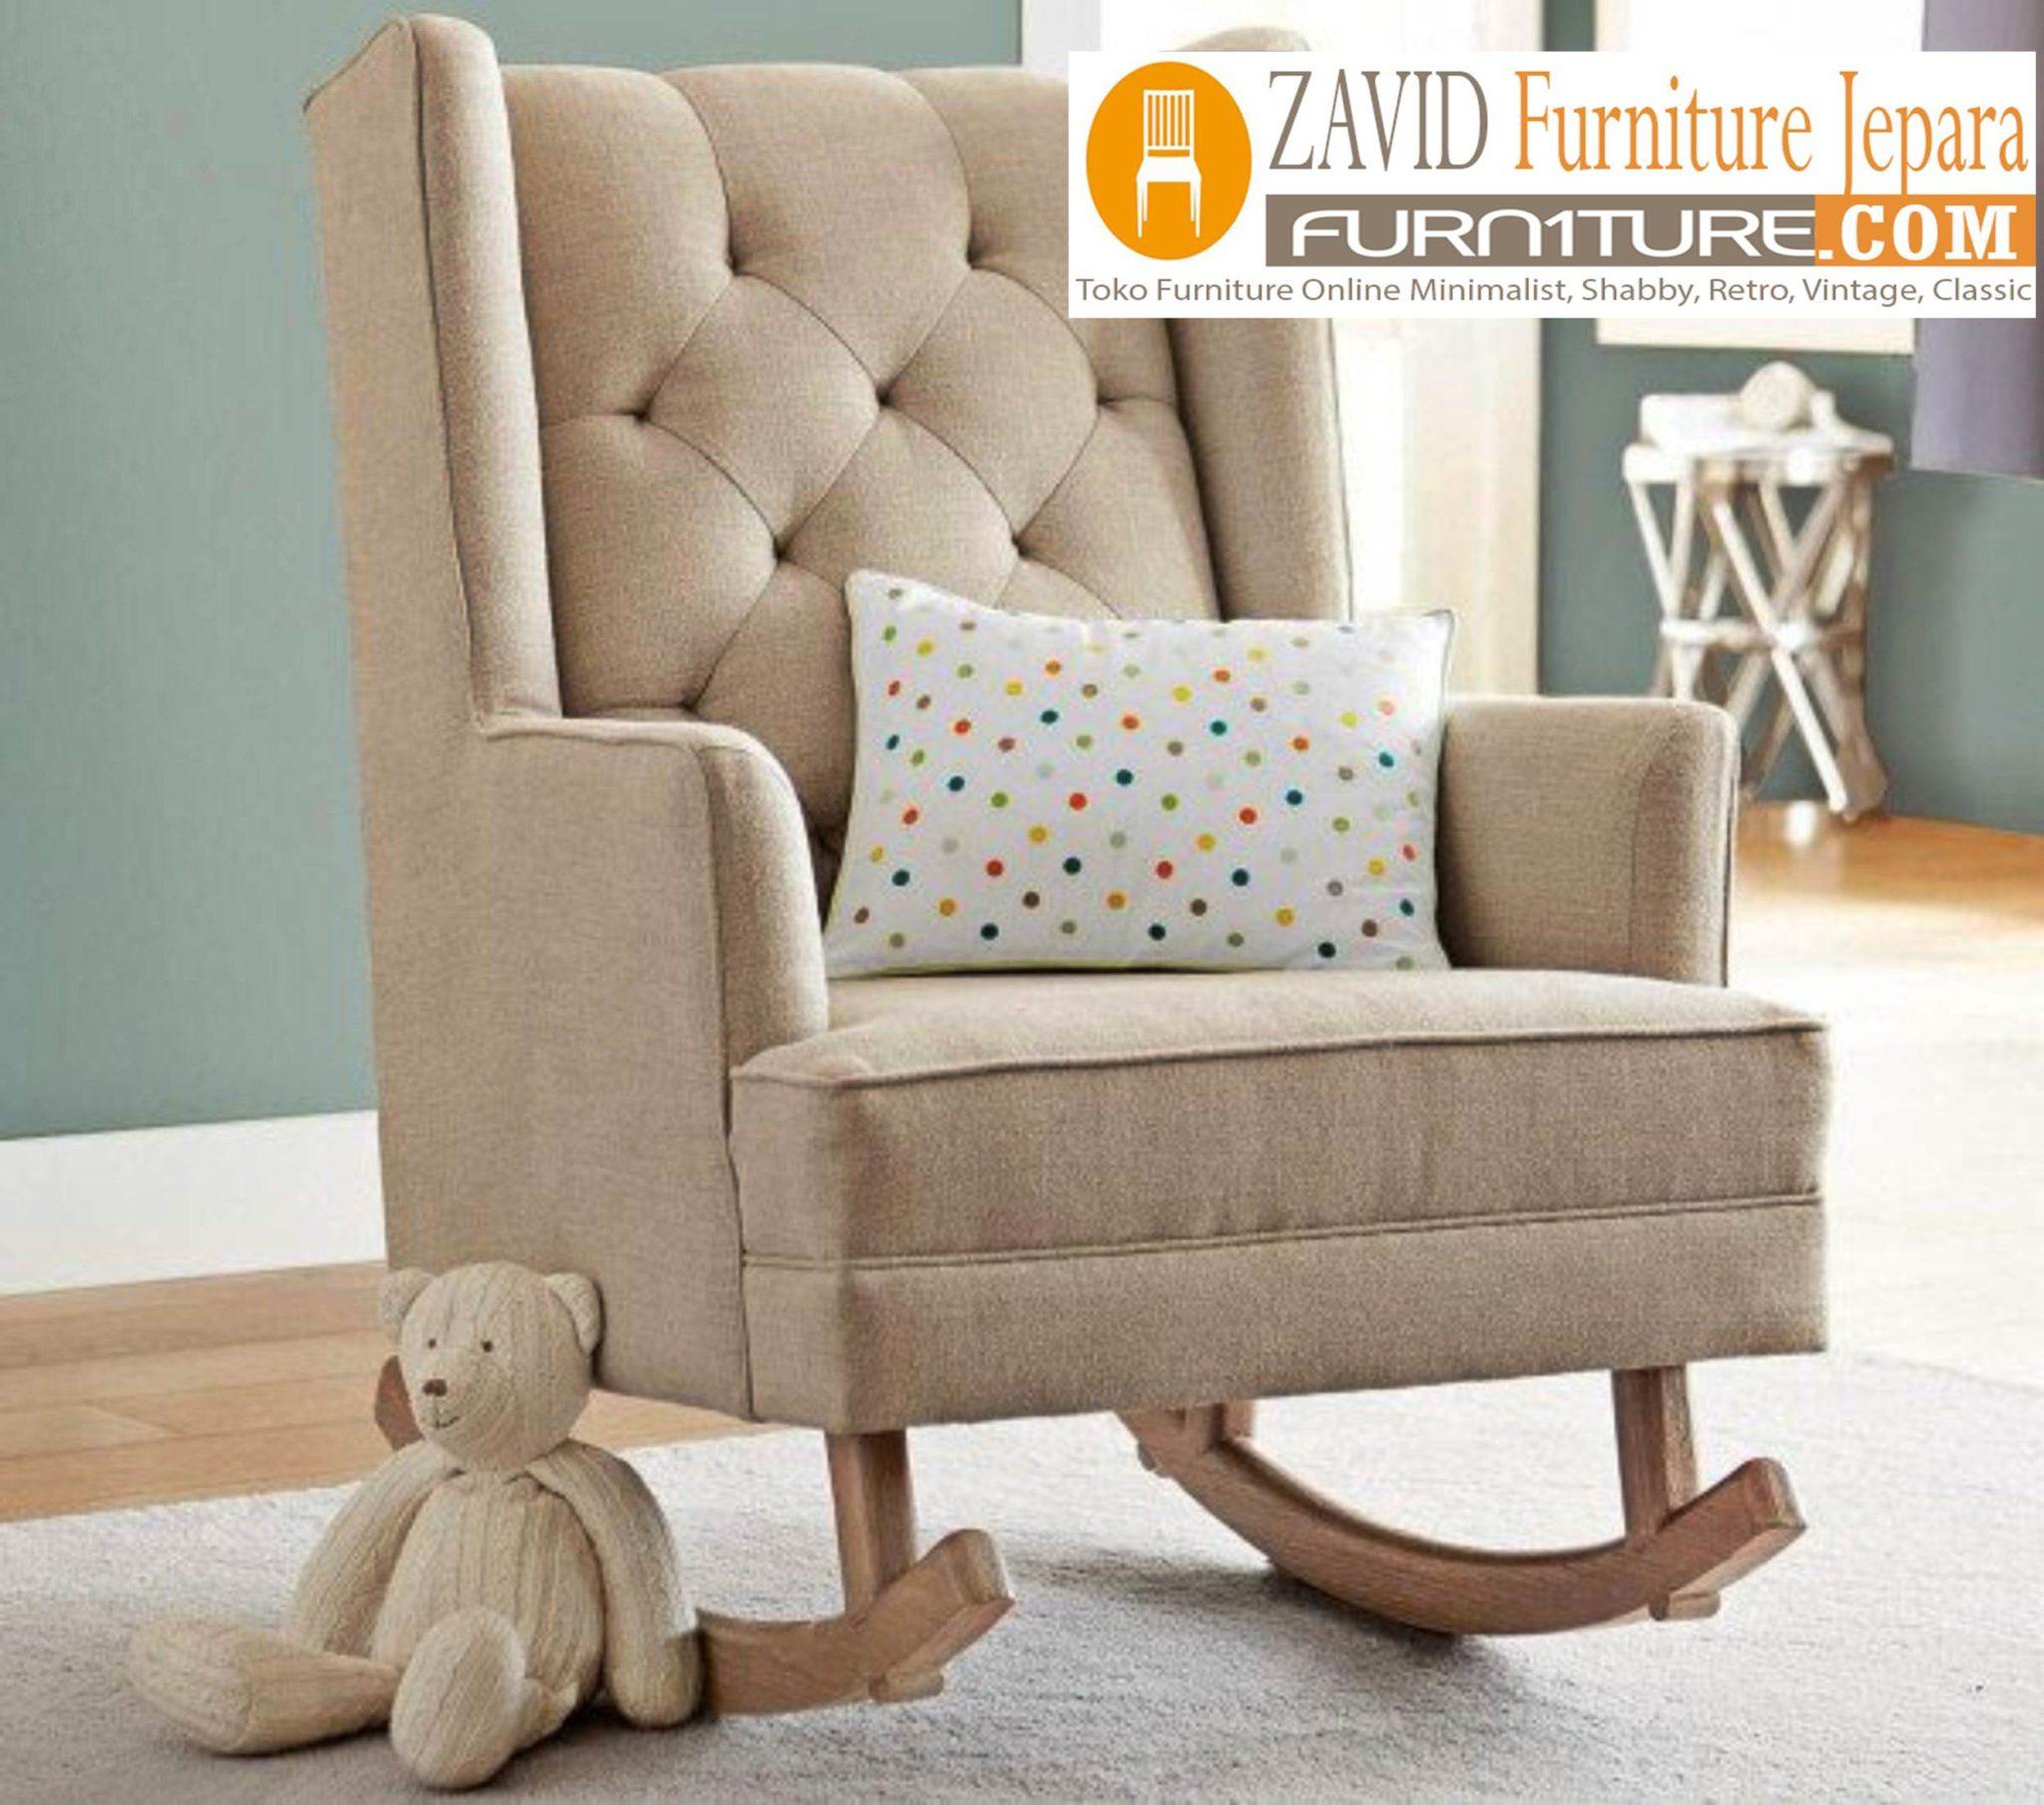 Kursi Goyang Sofa Modern - Jual Model Kursi Malas Kursi Goyang Terbaru Harga Murah